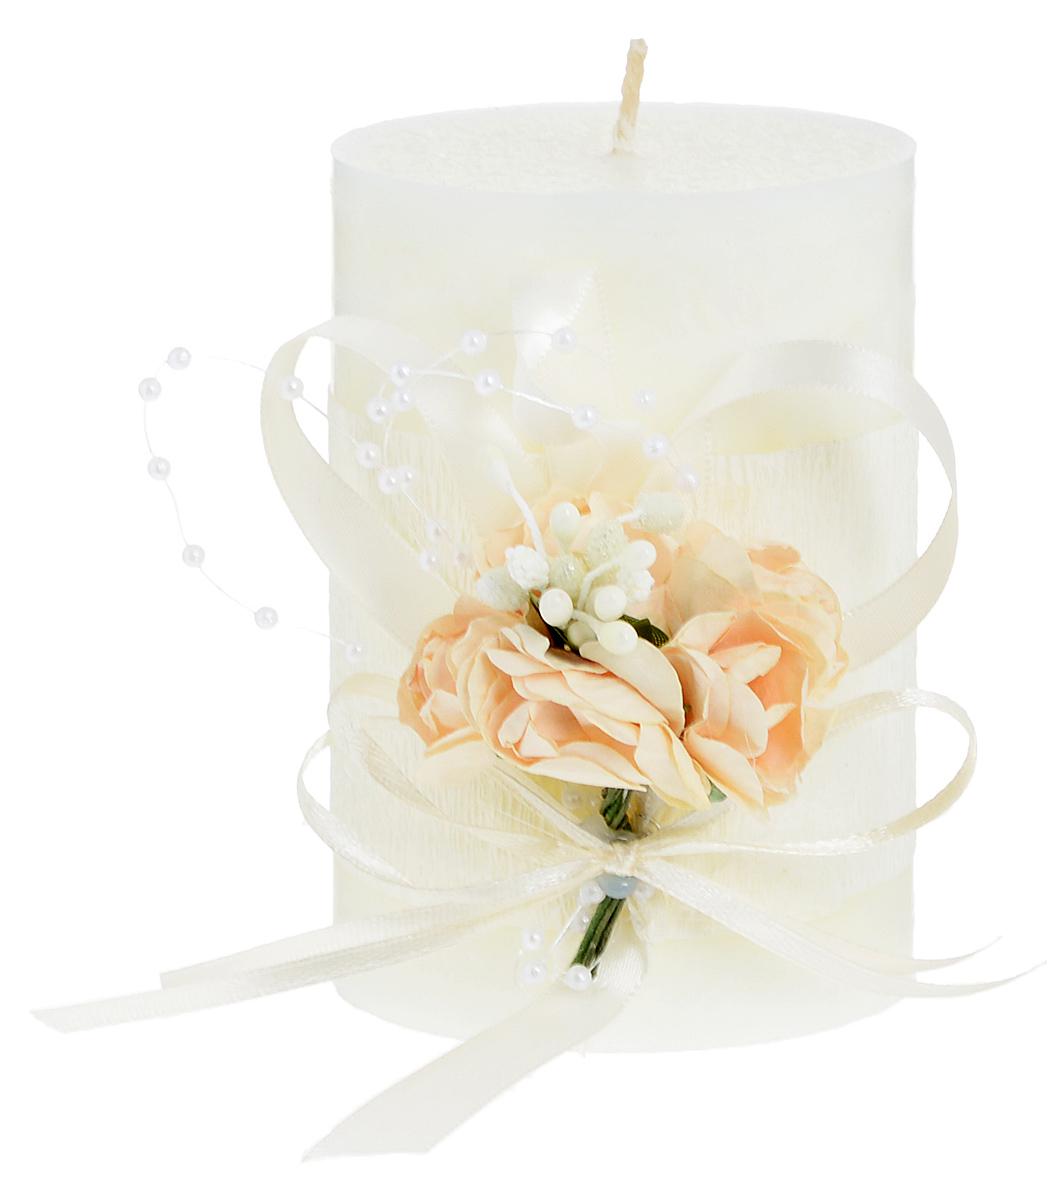 Свеча декоративная Win Max Свадебная, высота 10 см94702Свеча декоративная Win Max Свадебная выполнена из парафина шампанского цвета. Изделие выполнено в форме столбика и декорировано композицией из цветов и ленточек. Свеча будет вас радовать и достойно украсит интерьер. Вы можете поставить свечу в любом месте, где она будет удачно смотреться и радовать глаз. Кроме того, эта свеча - отличный вариант подарка для ваших близких и друзей. Диаметр свечи: 7 см.